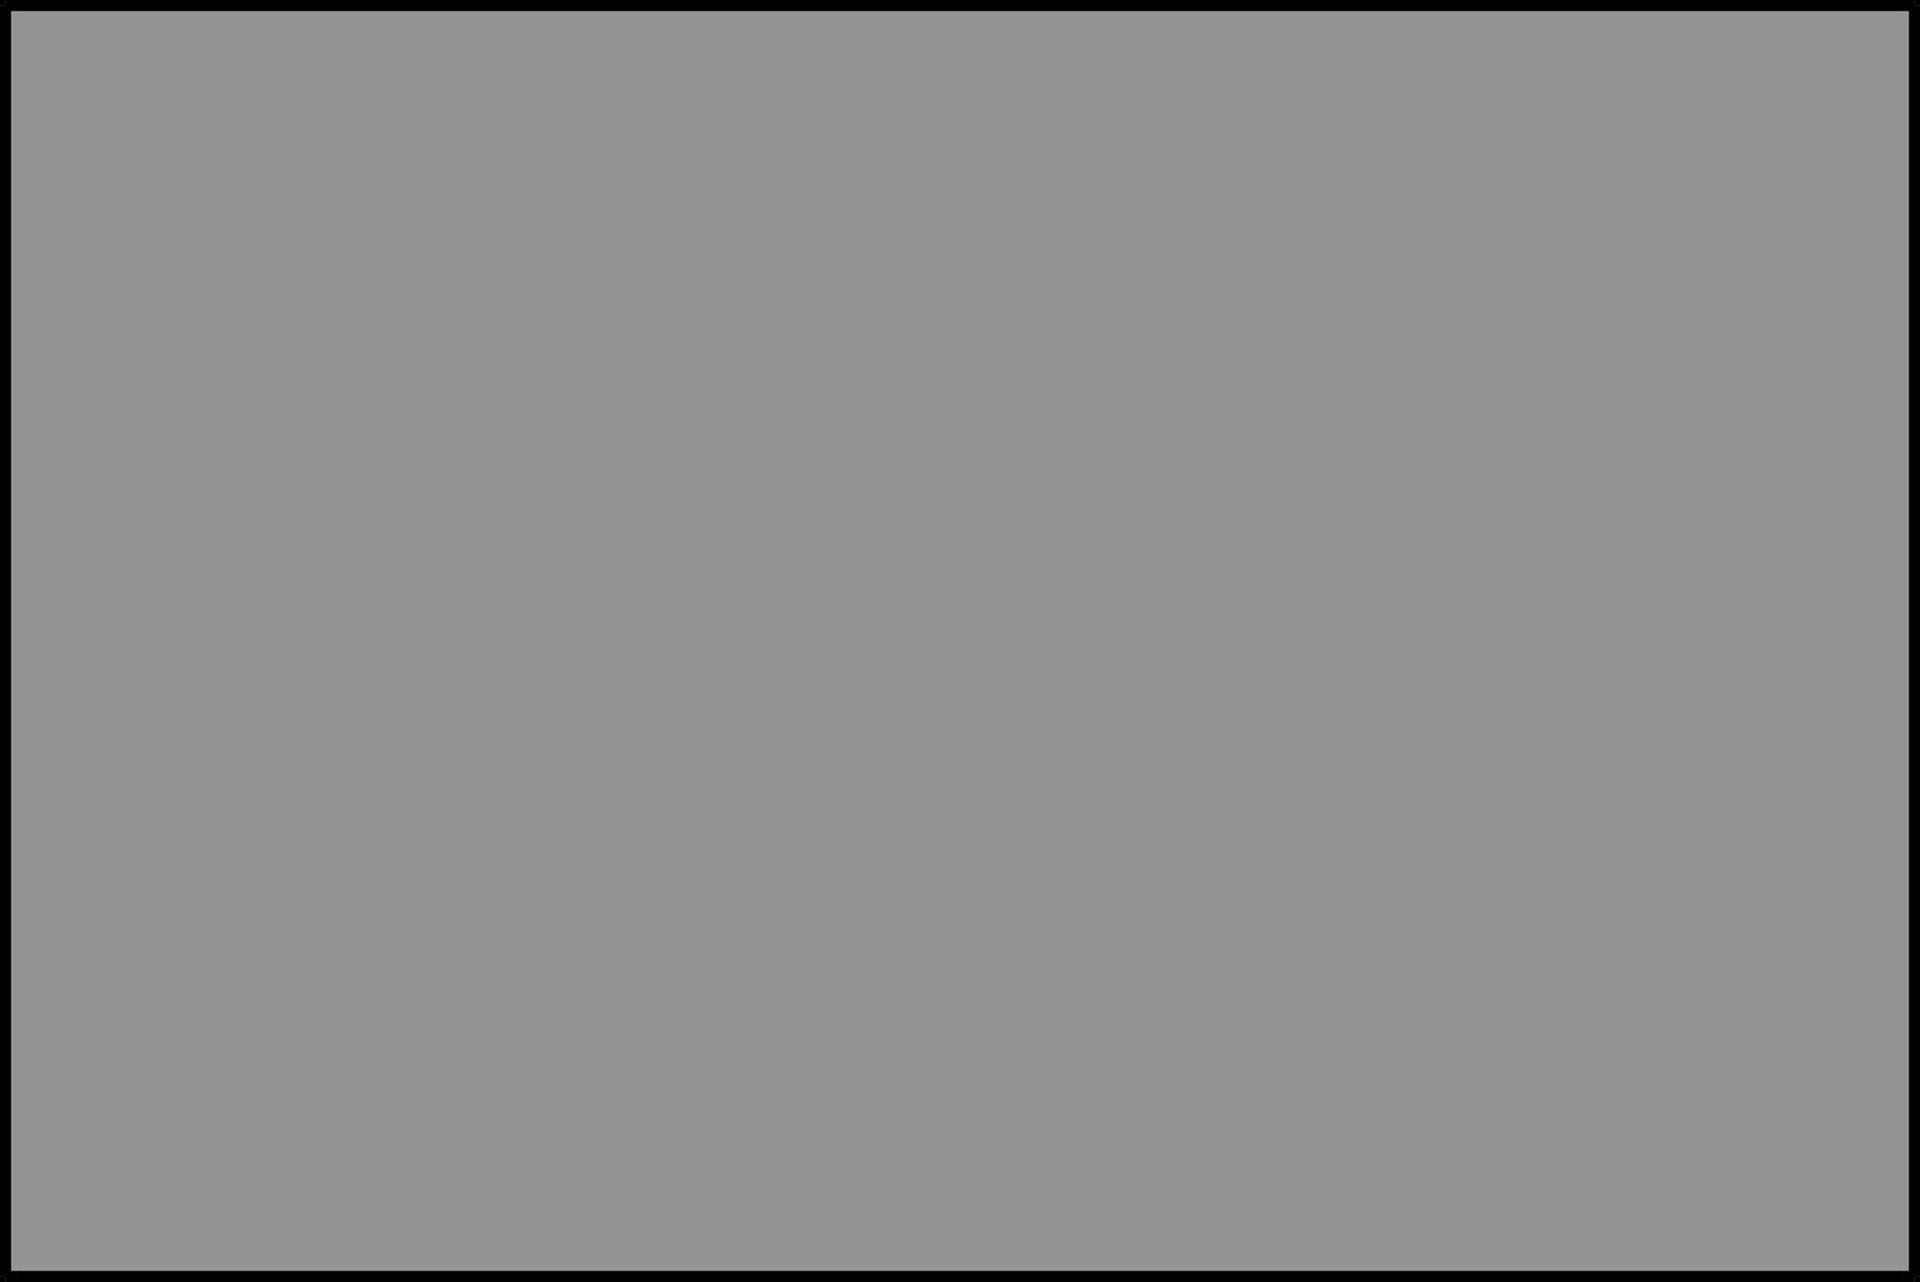 A - Rechteck